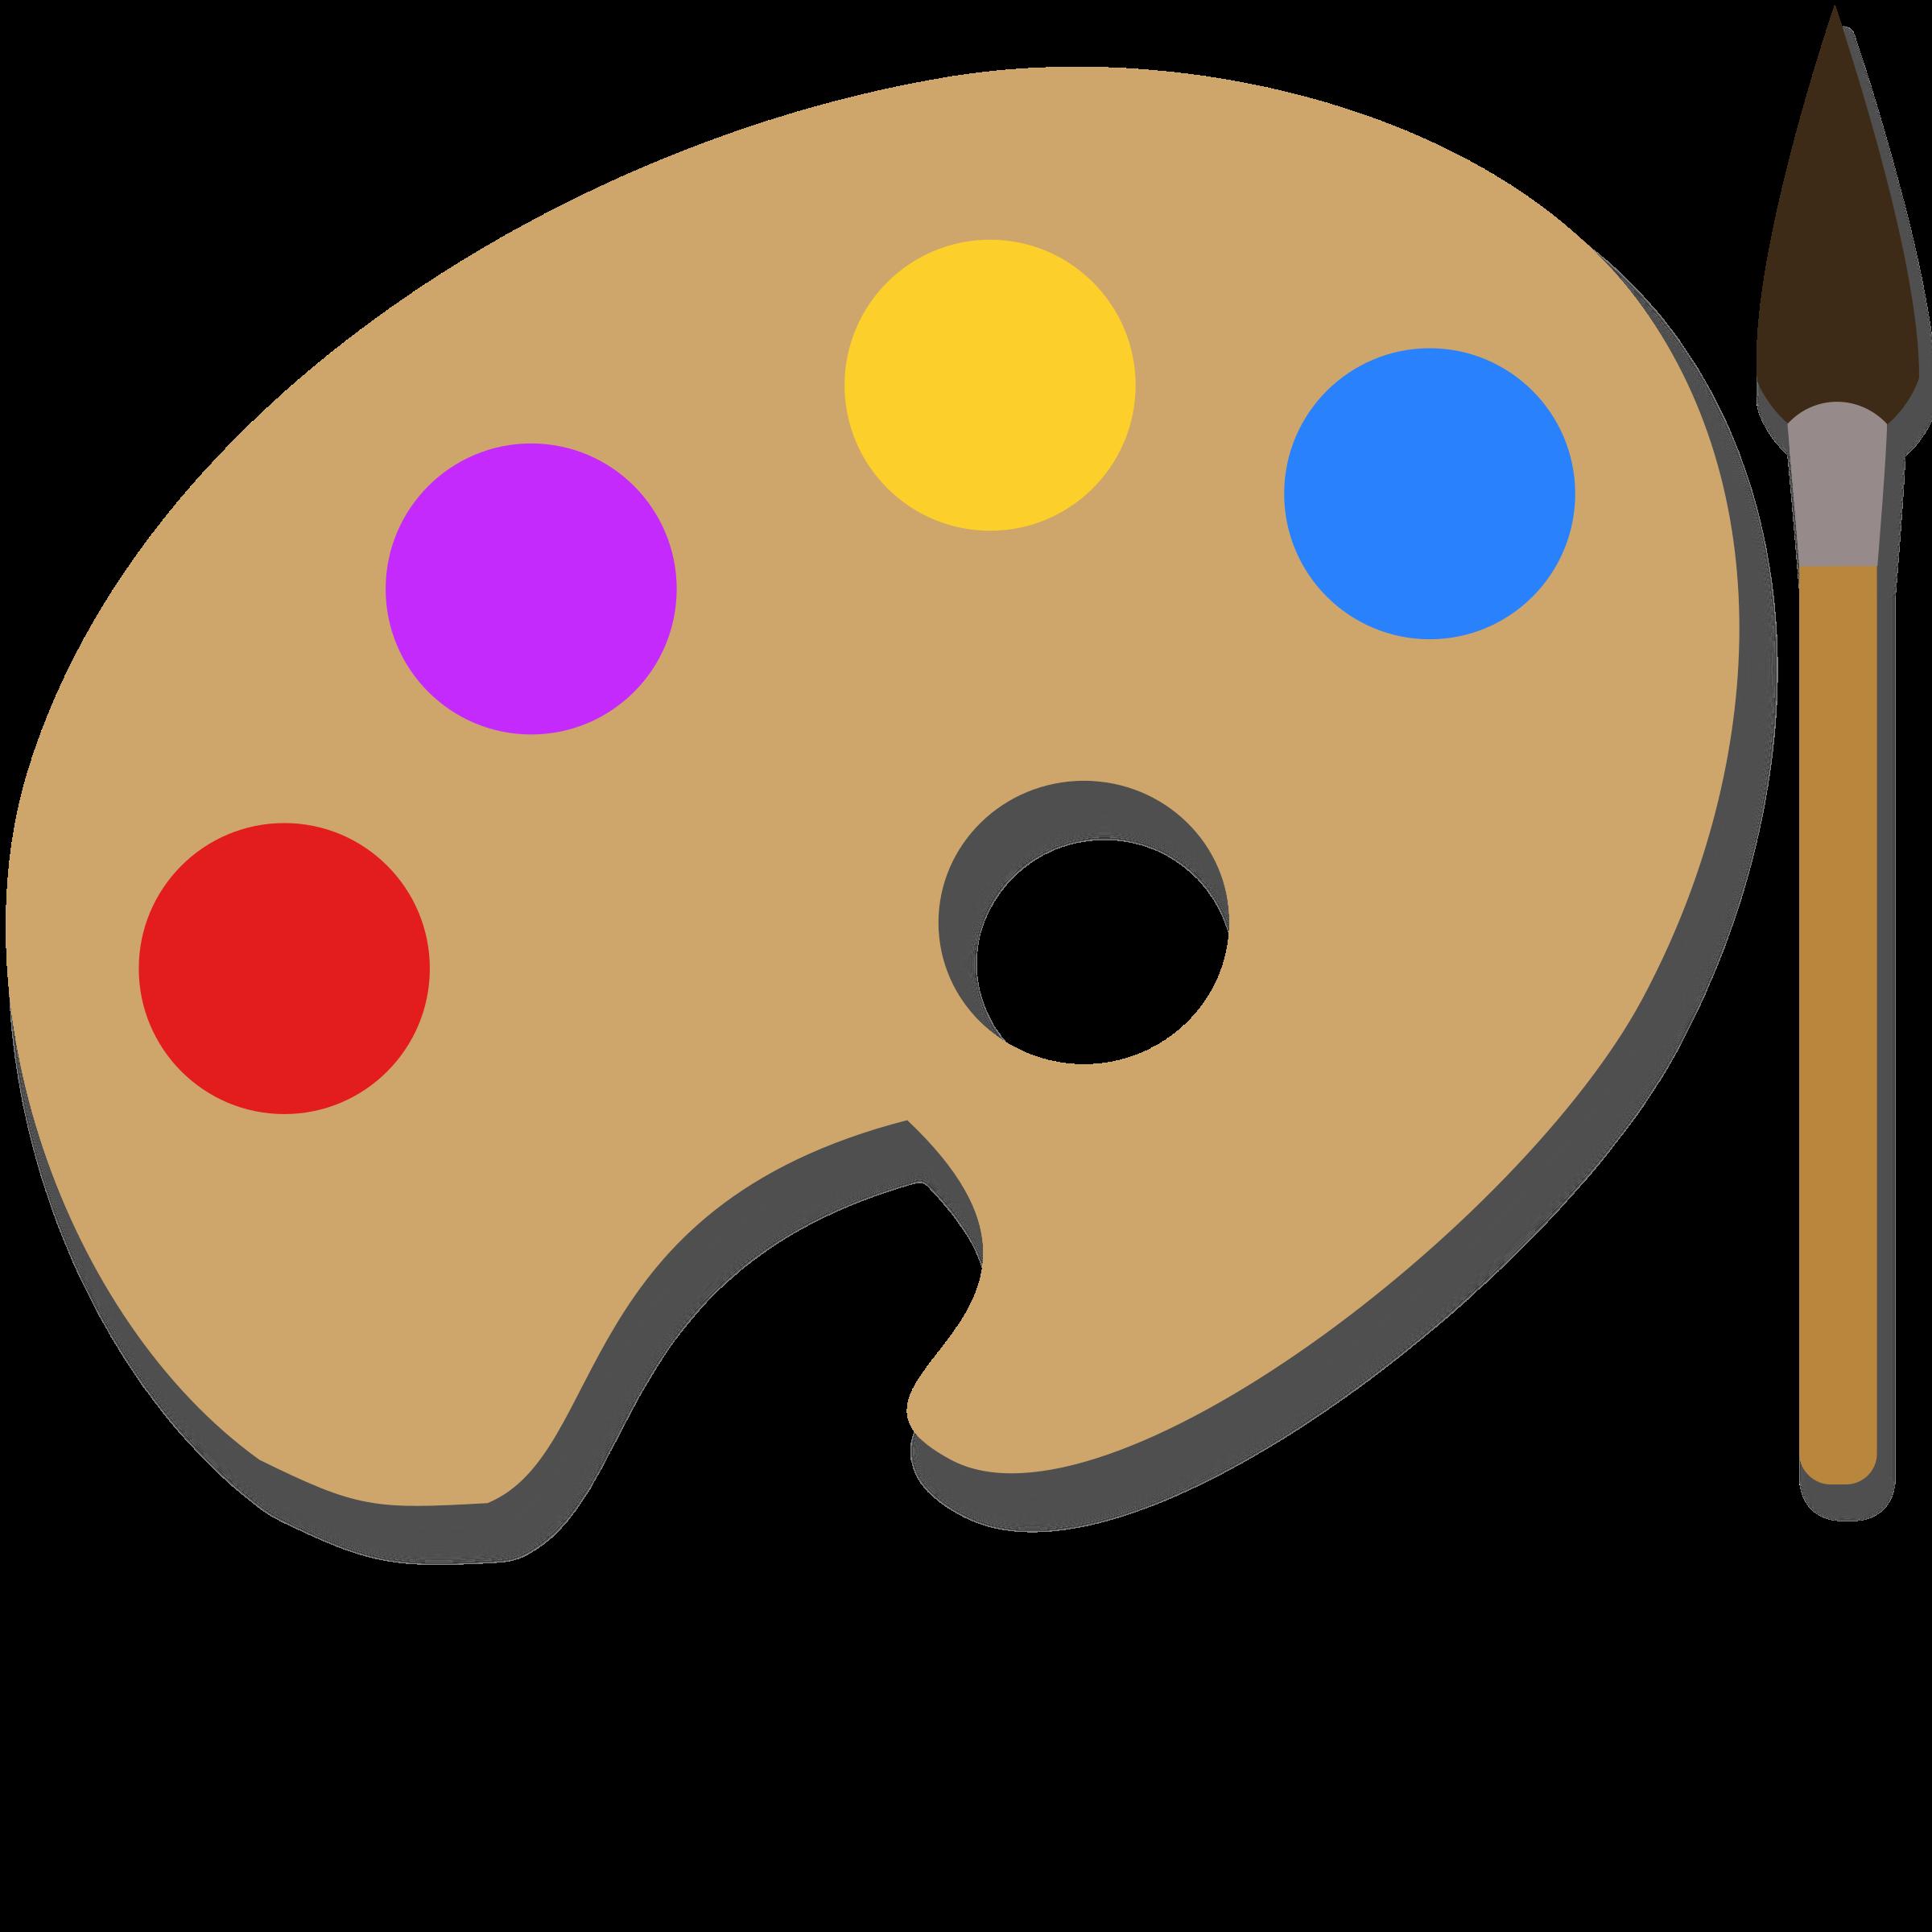 Paintbrush clipart art contest. Paint palette big image